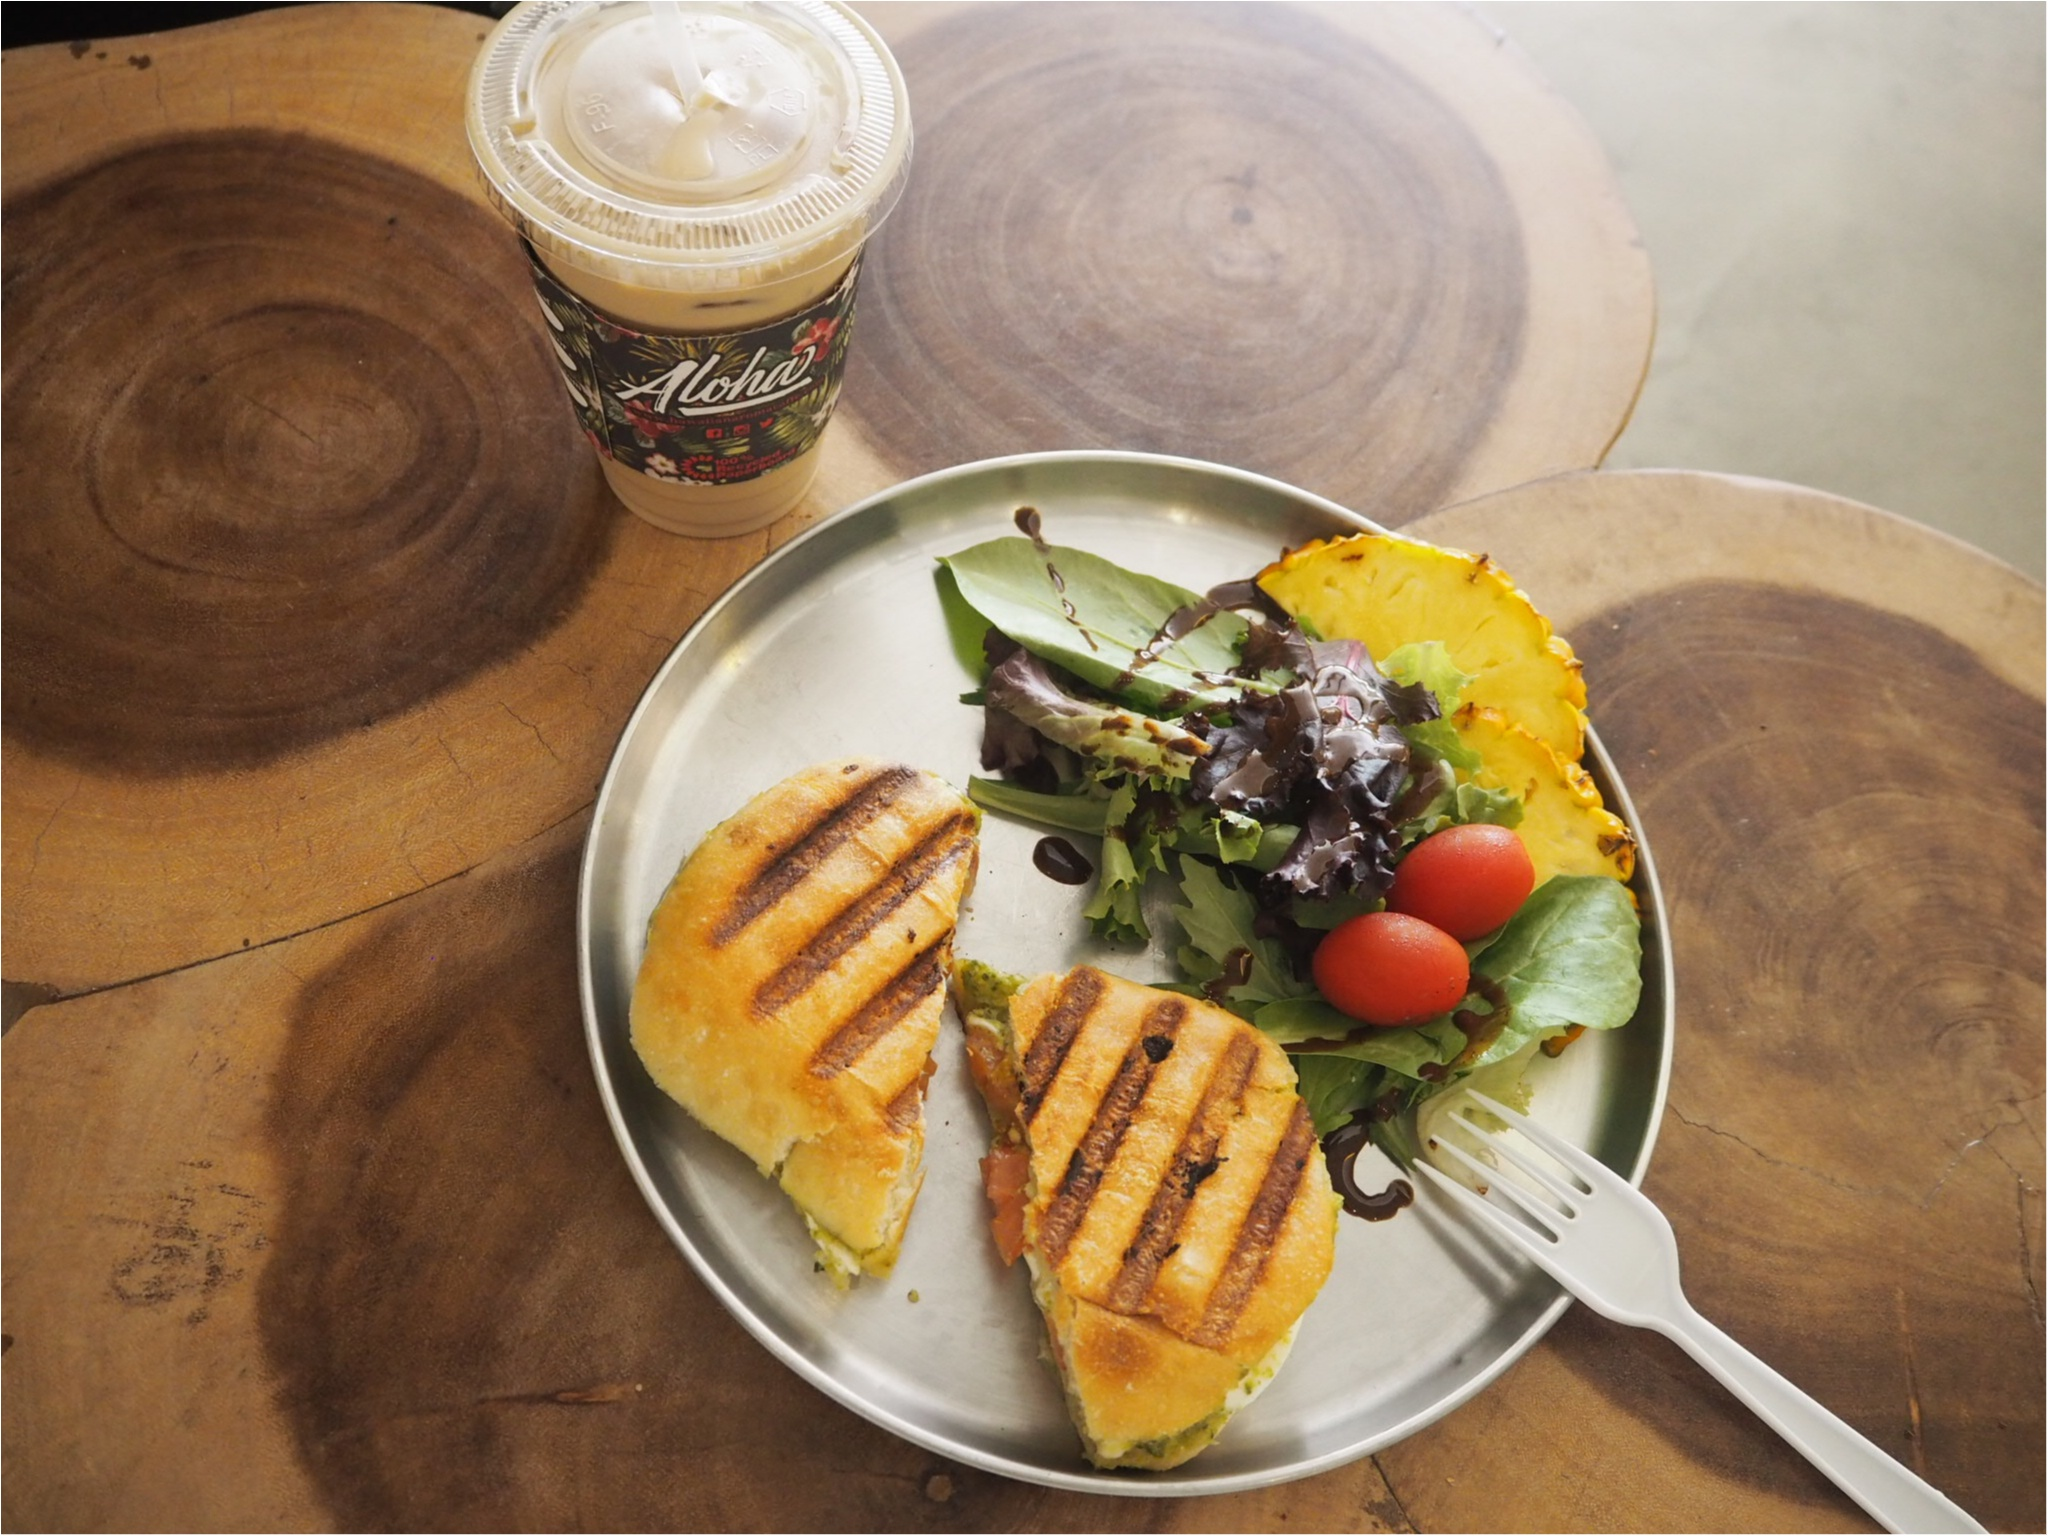 《今、ワイキキで一番オシャレでフォトジェニックなカフェ!》ハワイアン・アロマカフェでまったりブランチ♡♡(&旅行で役に立つプチ英語教室)_6